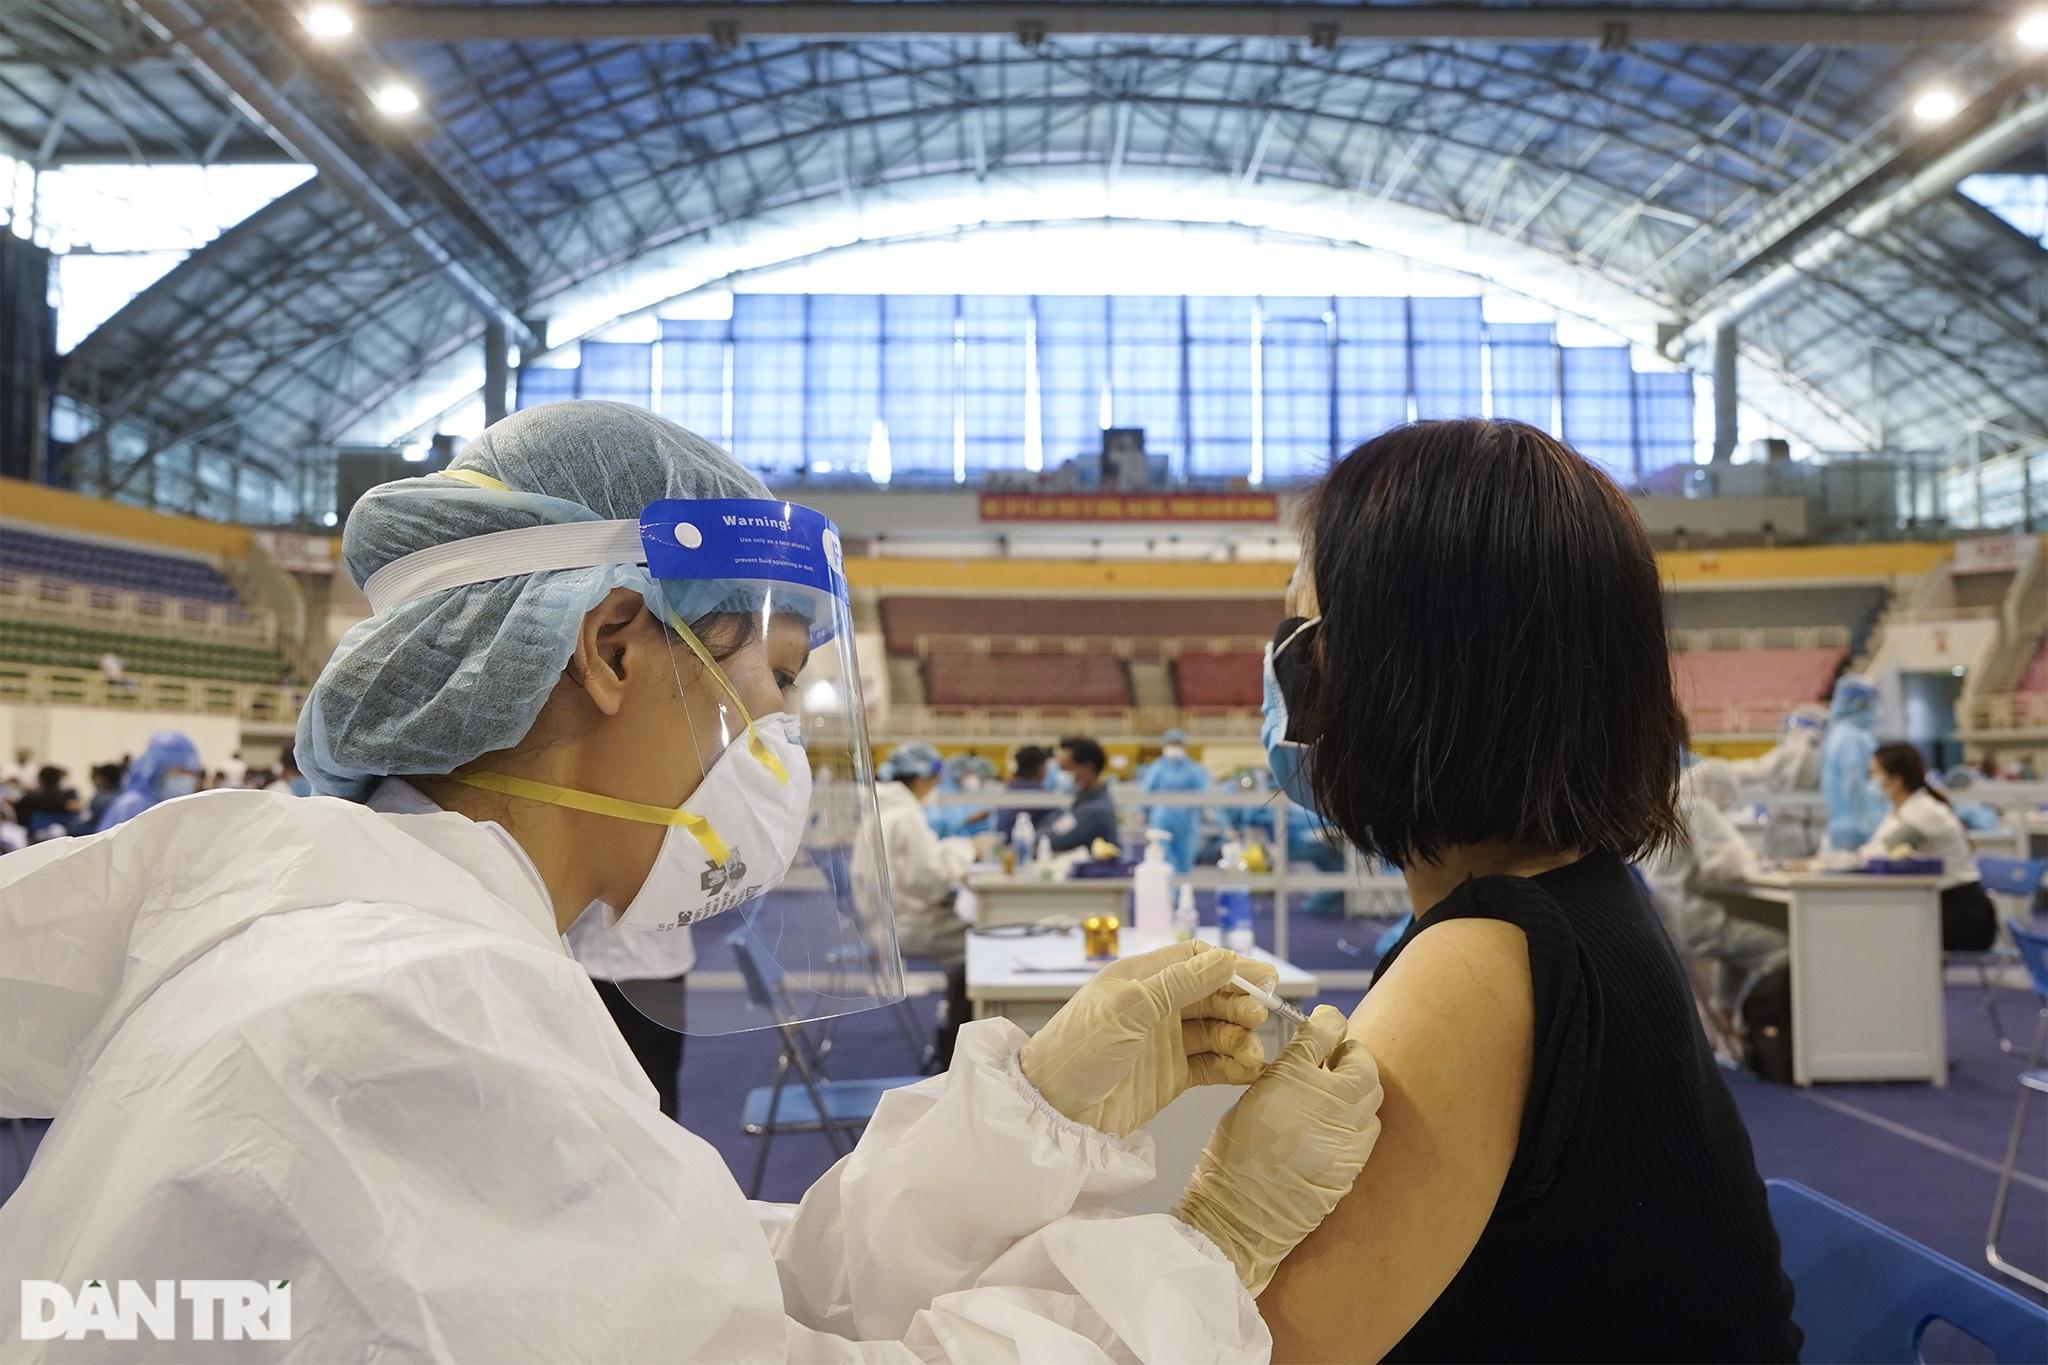 Hình ảnh người dân TPHCM xếp hàng tiêm vắc xin Covid-19 đông chưa từng thấy - 13